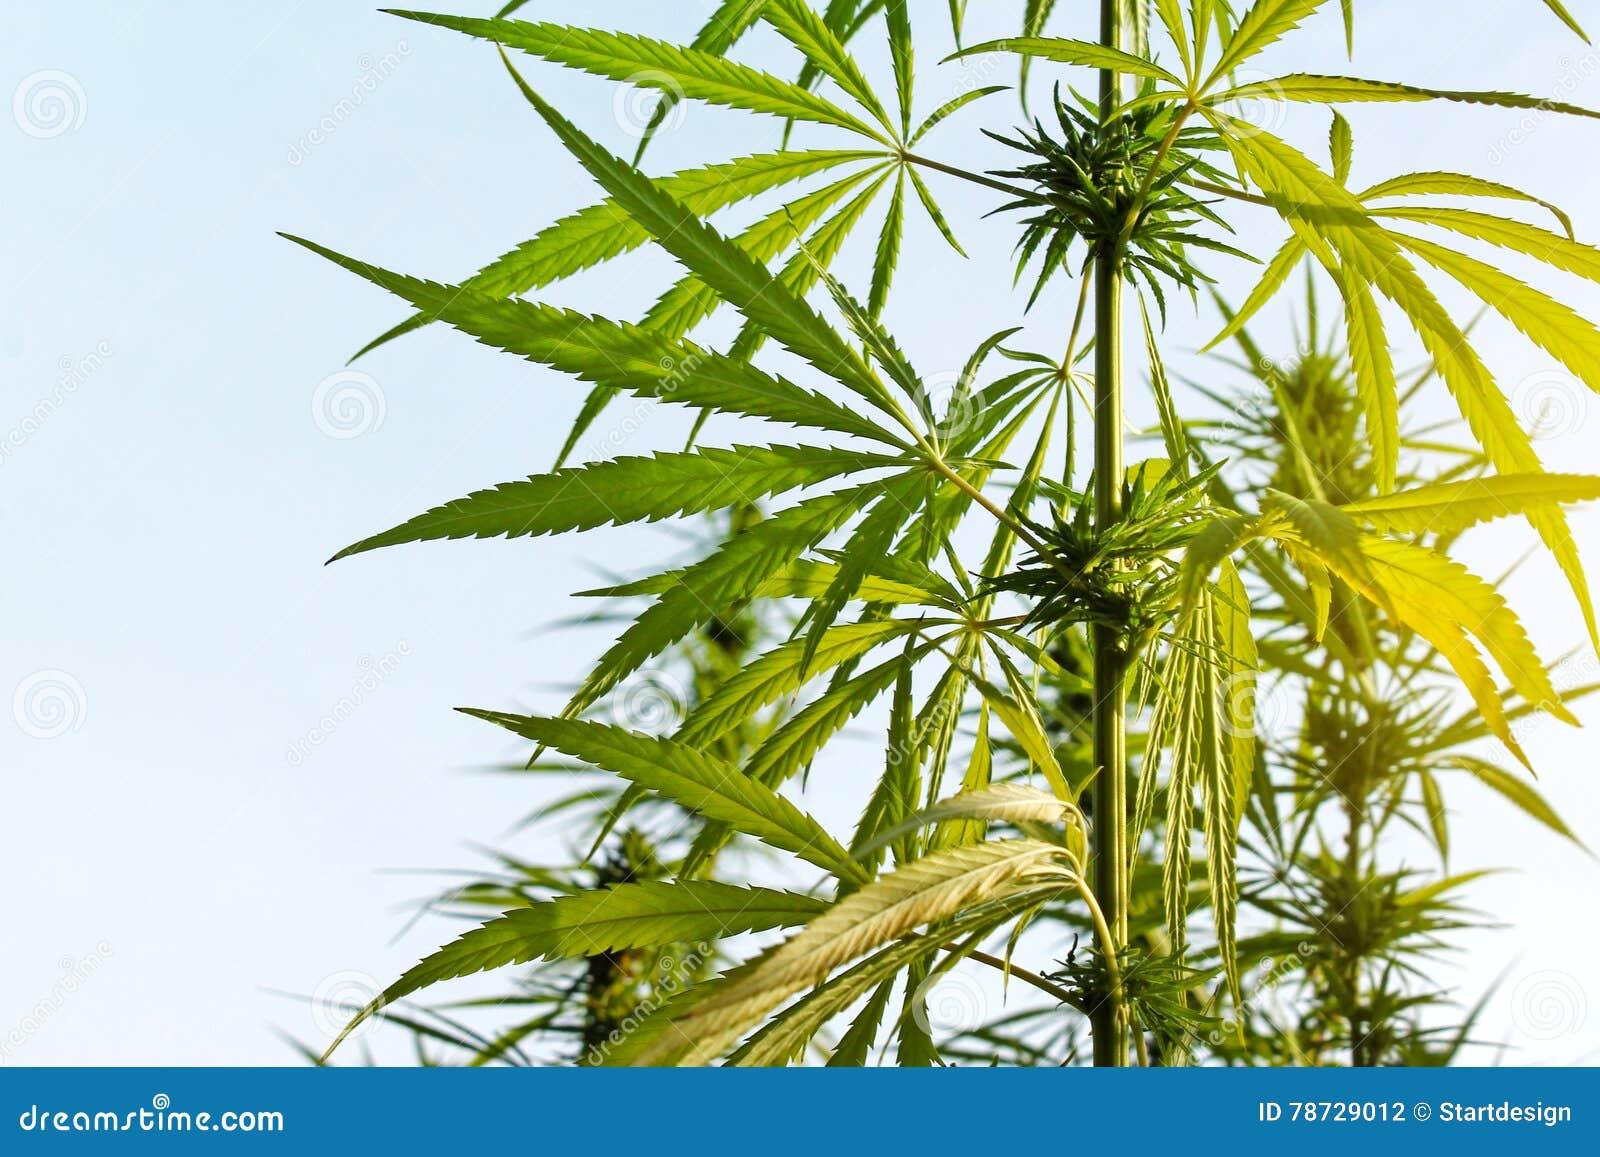 Filial av cannabisväxten med knoppar